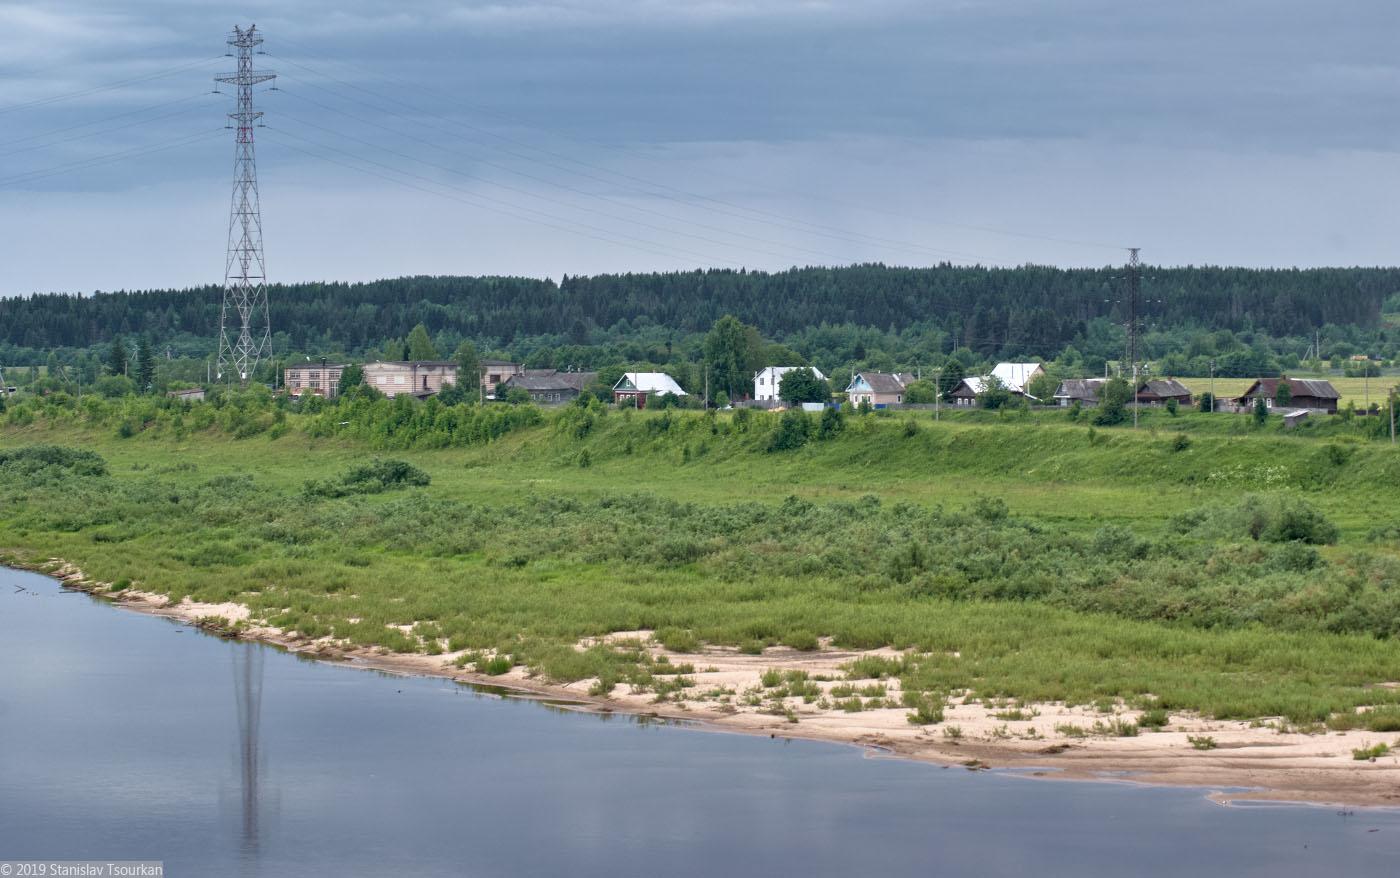 Вологодская область, Вологодчина, Великий устюг, Русский север, Сухона, Онбово